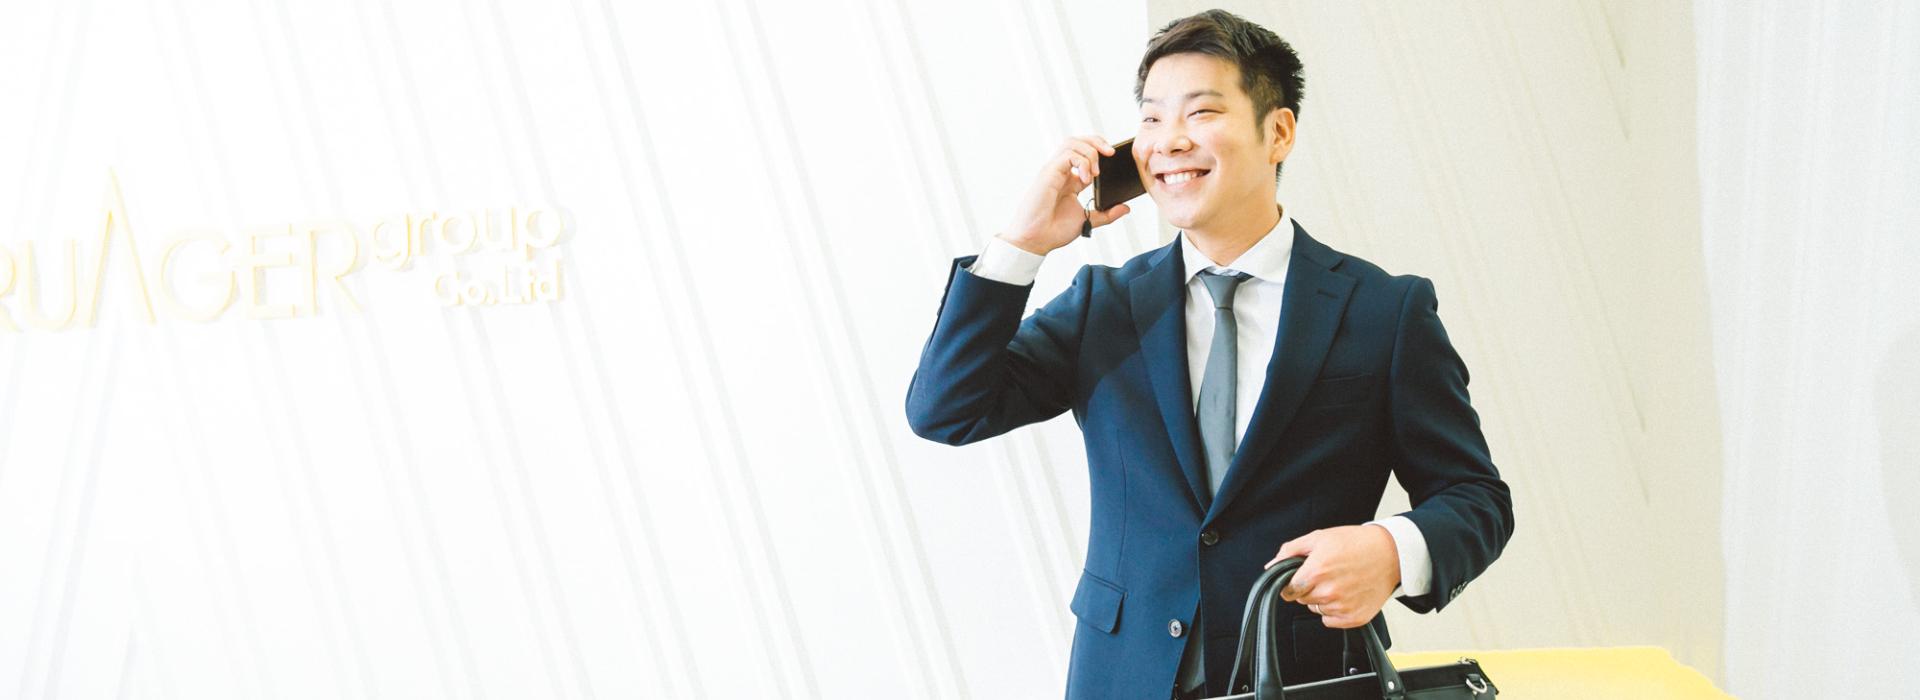 2015年入社 営業部門 統括マネージャー